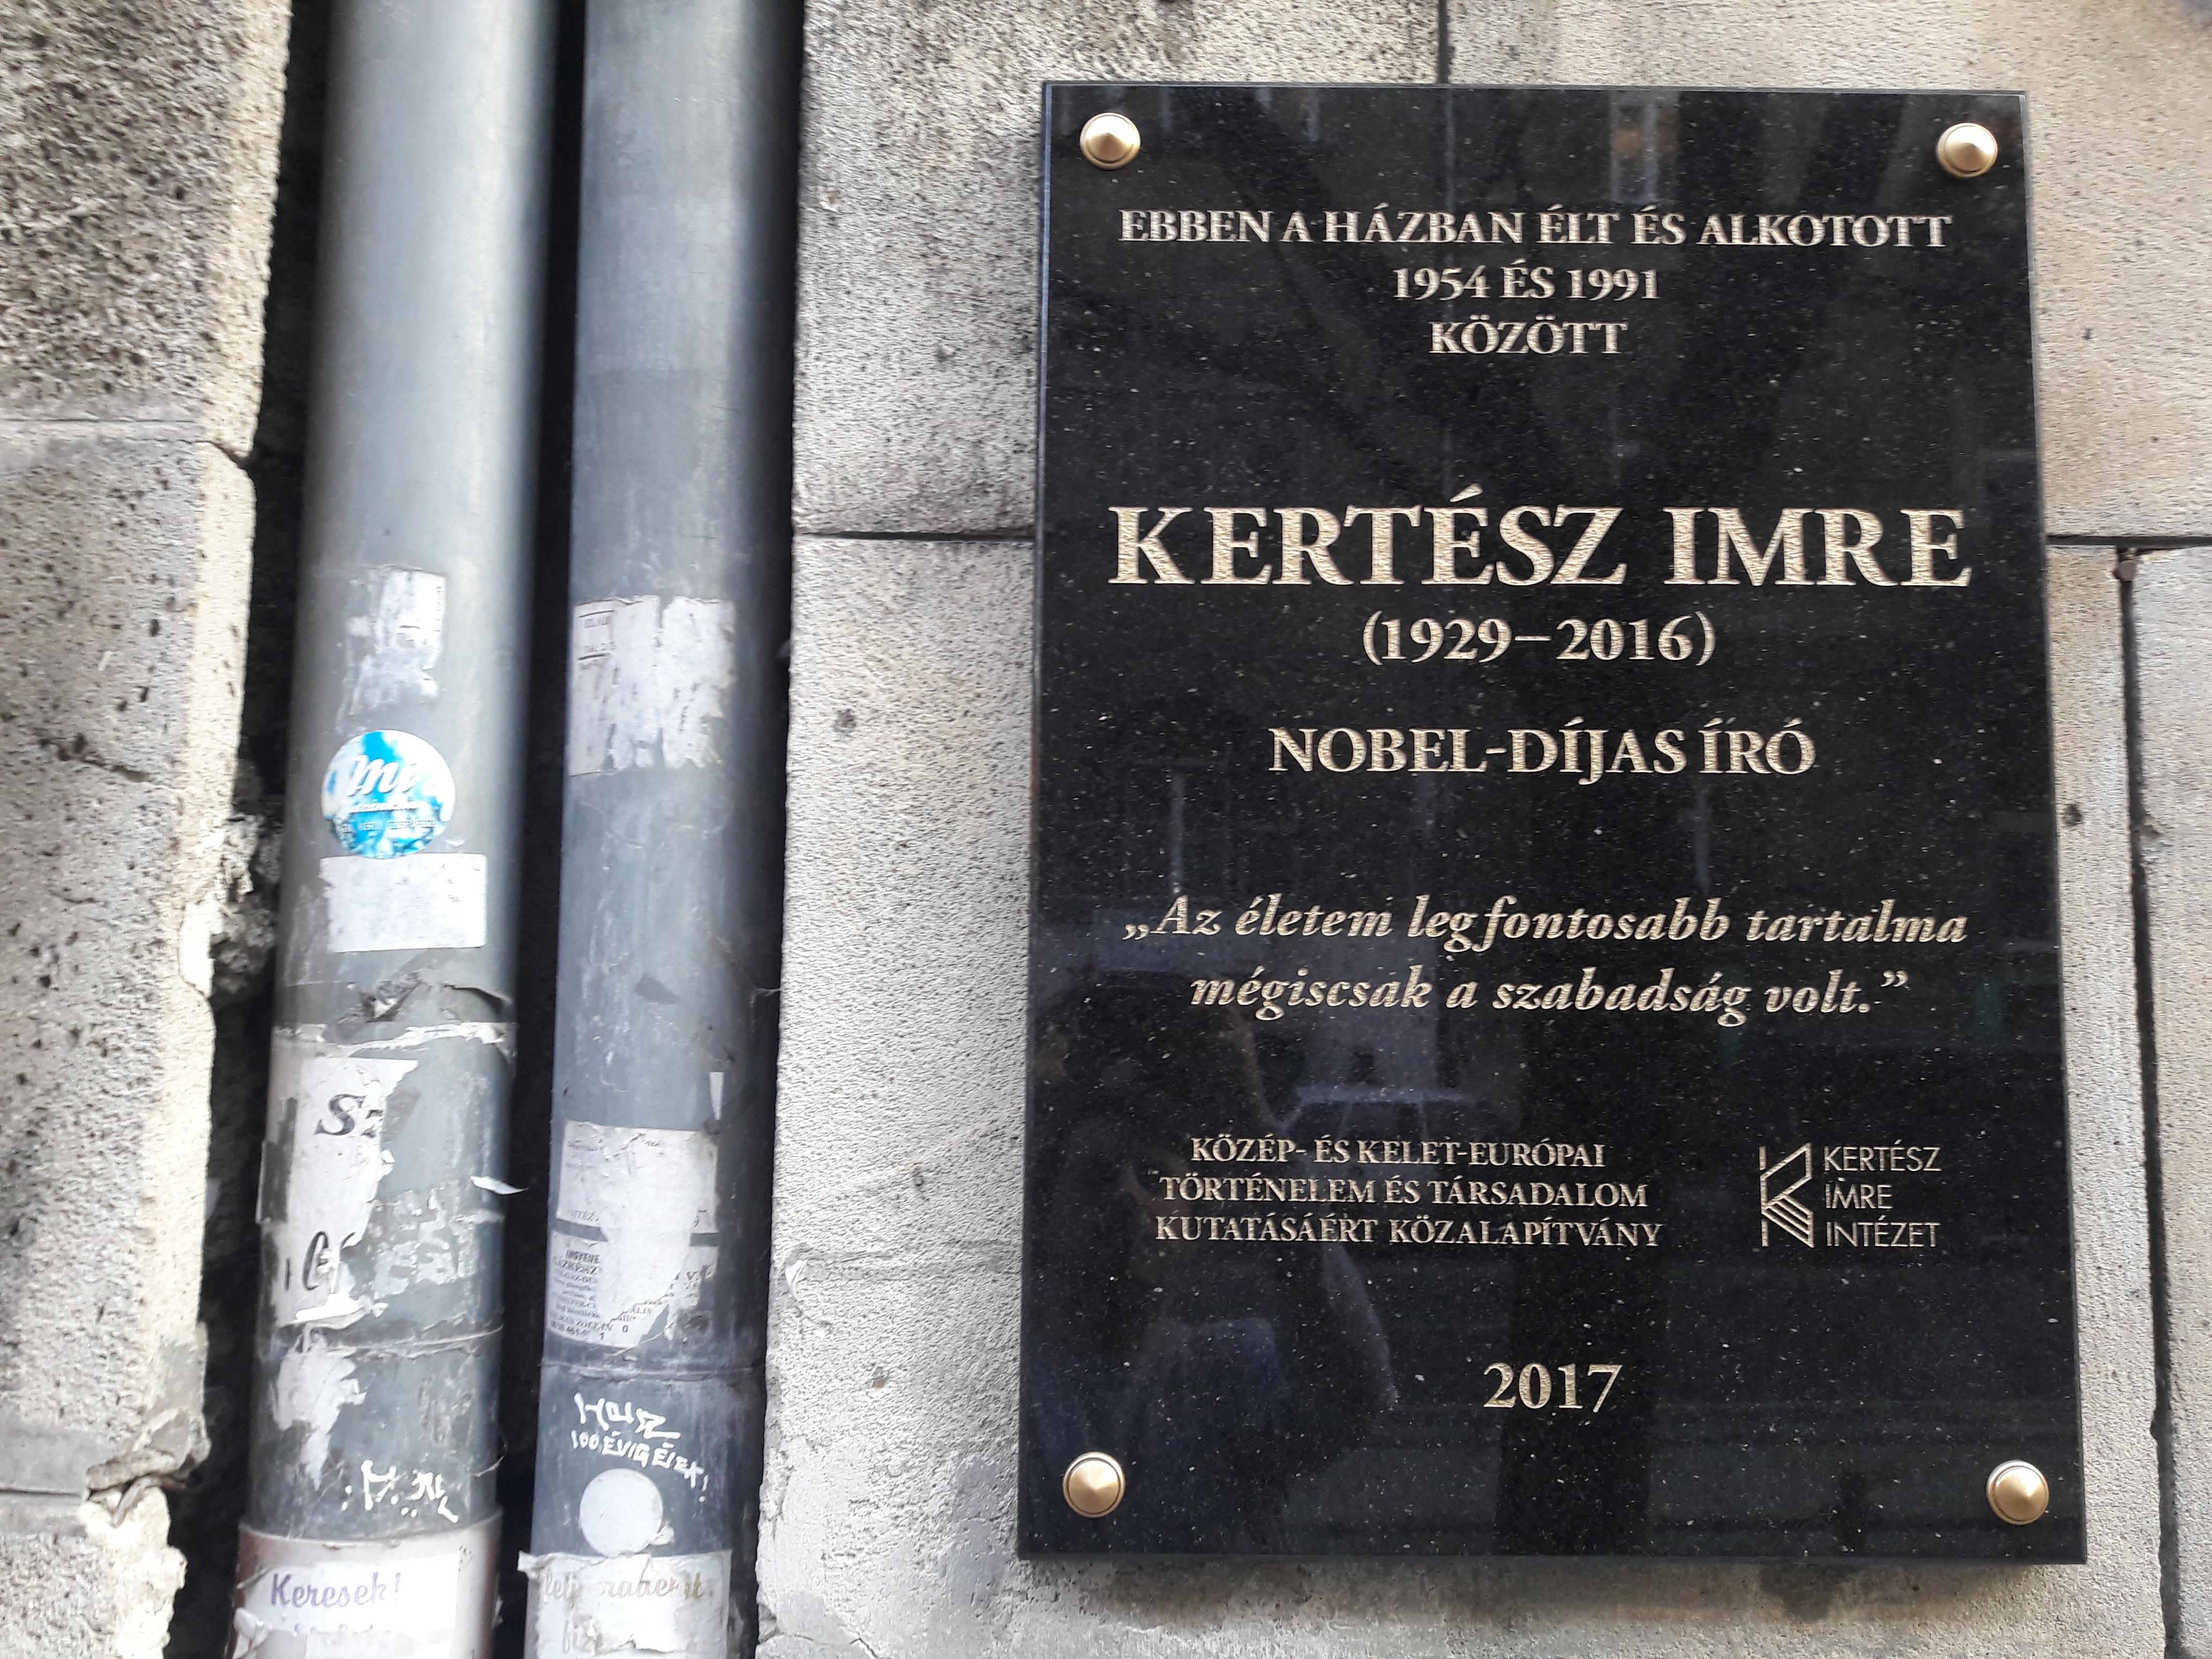 Ezt az emléktáblát állították Kertész Imrének Schmidt Máriáék